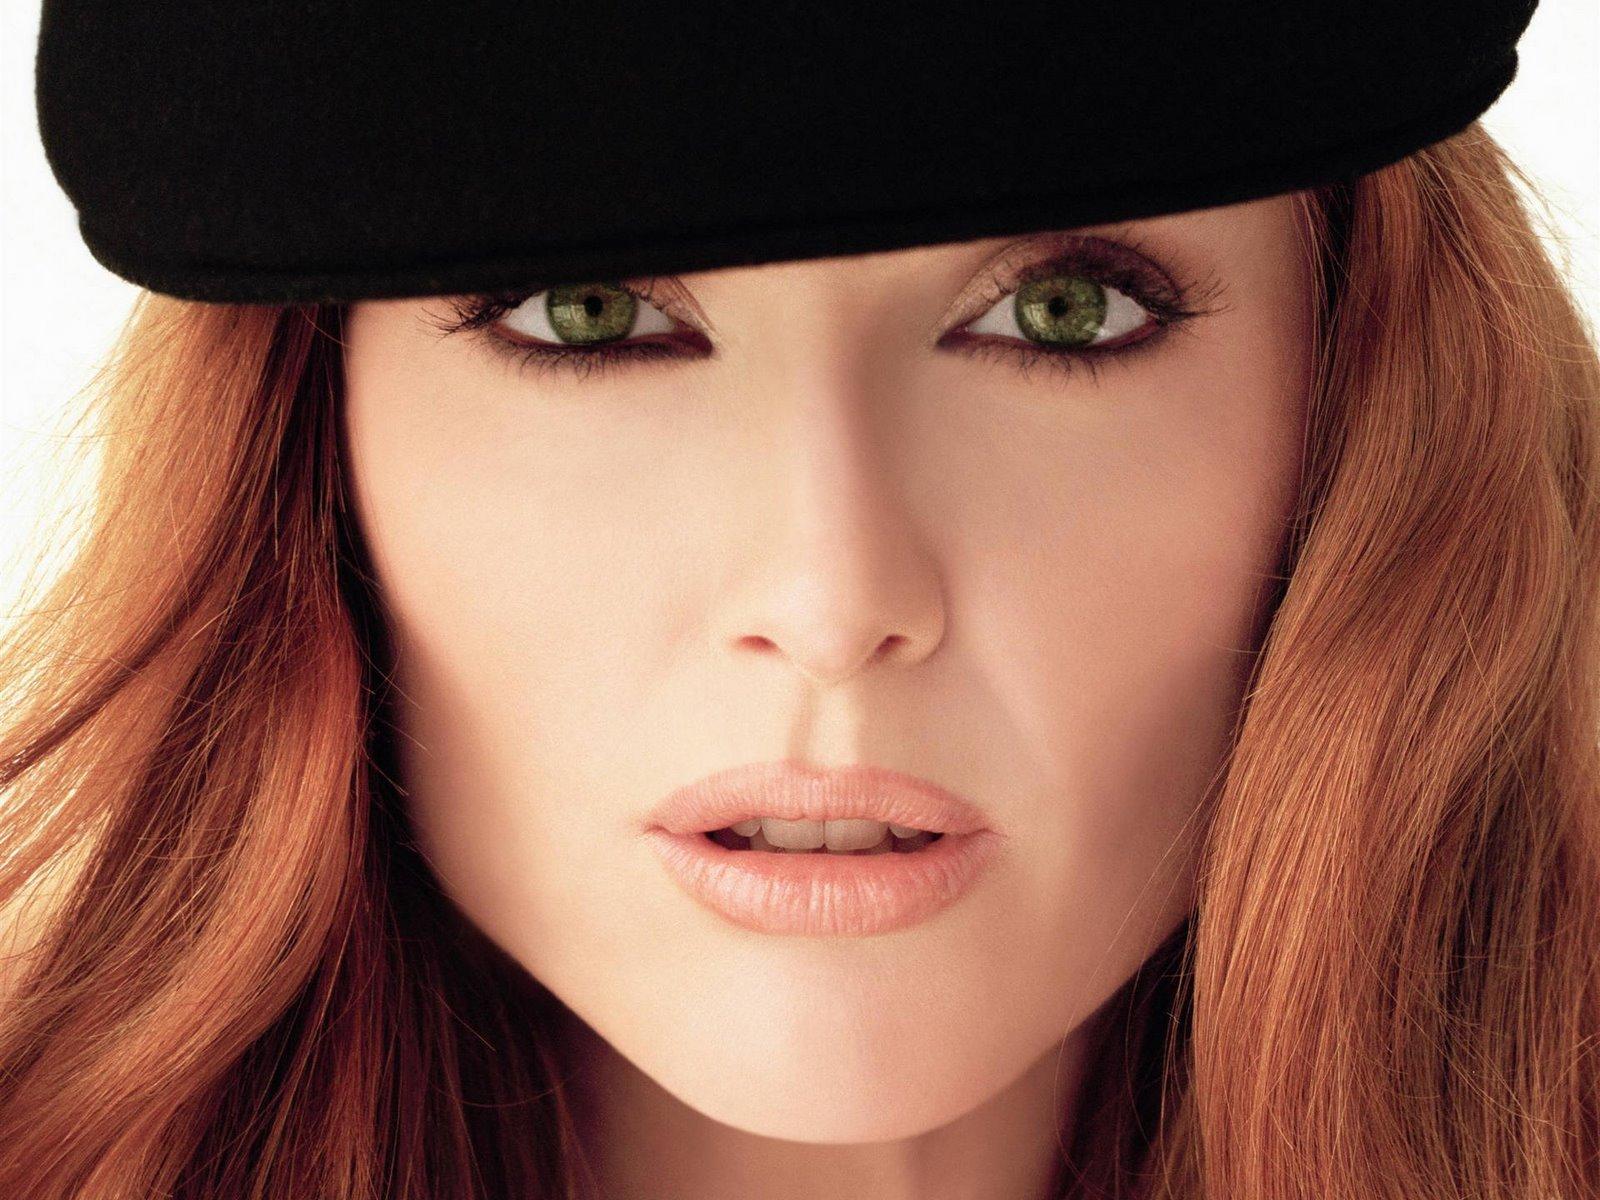 http://1.bp.blogspot.com/_Q_MQFtopsfY/SHSsTRqlcVI/AAAAAAAACtg/suhjx64WRcM/s1600/Fullwalls.blogspot.com_Julianne_Moore(6).jpg